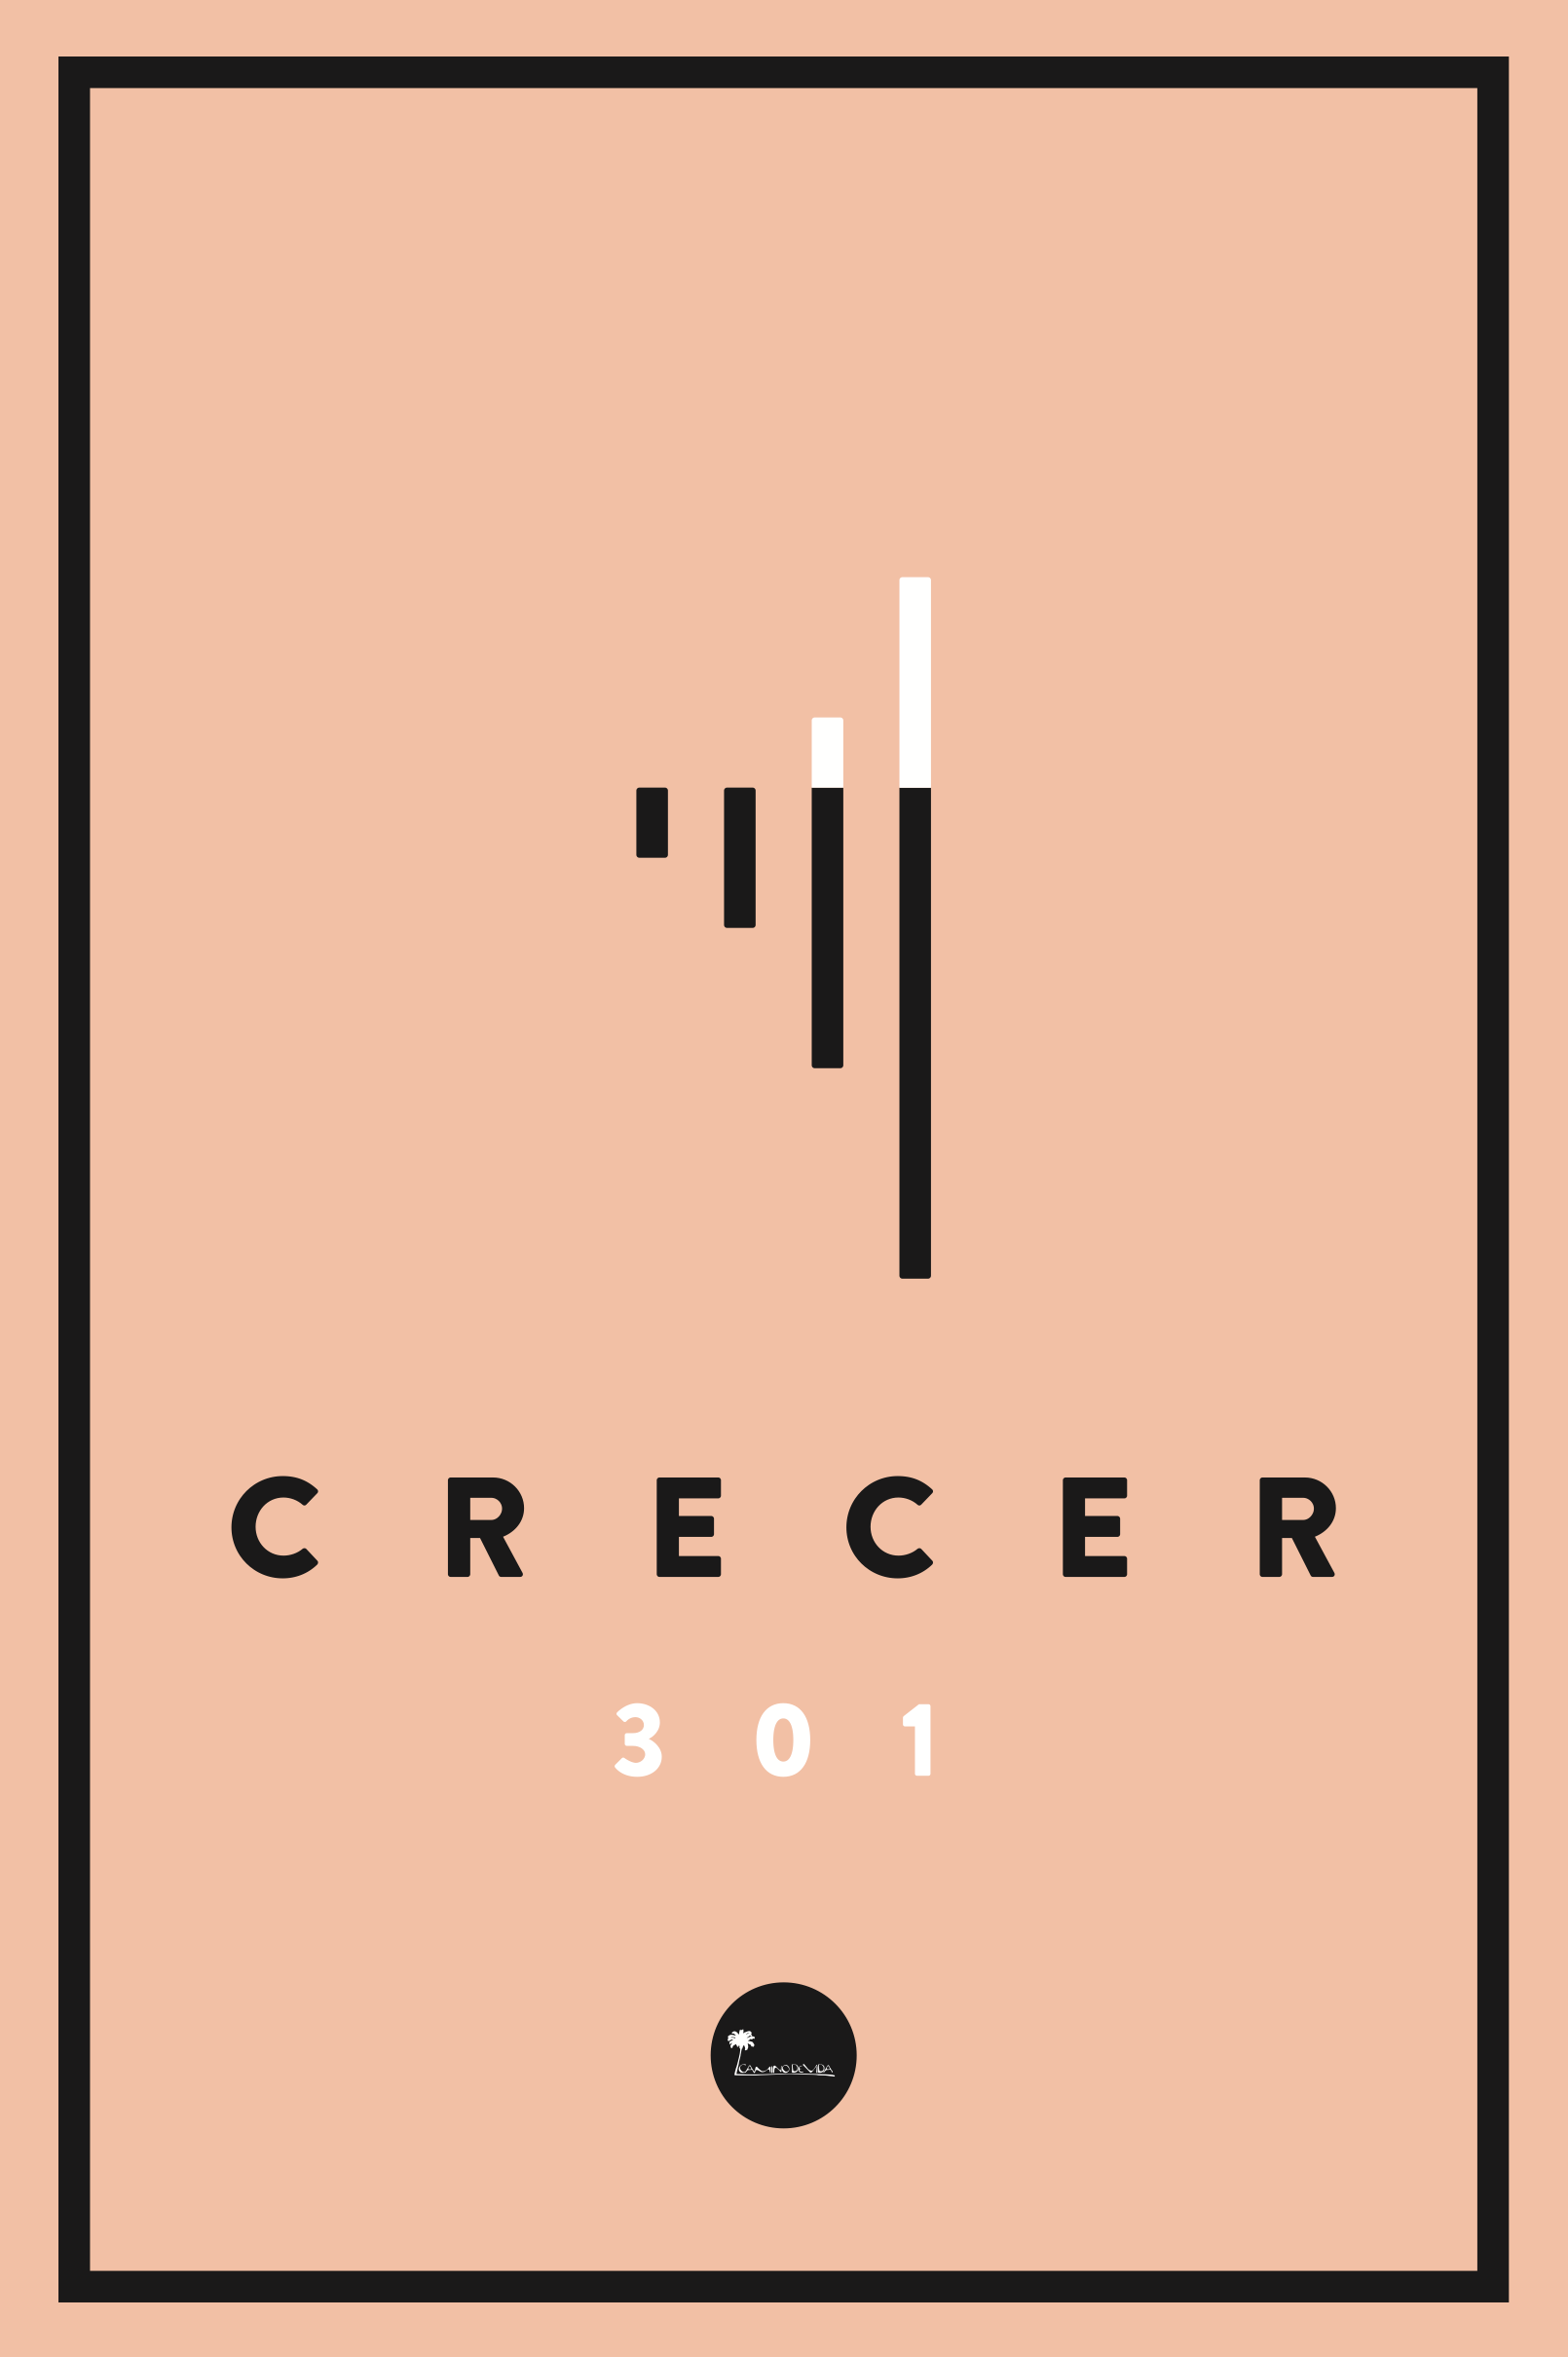 Crecer 301 (INDD)